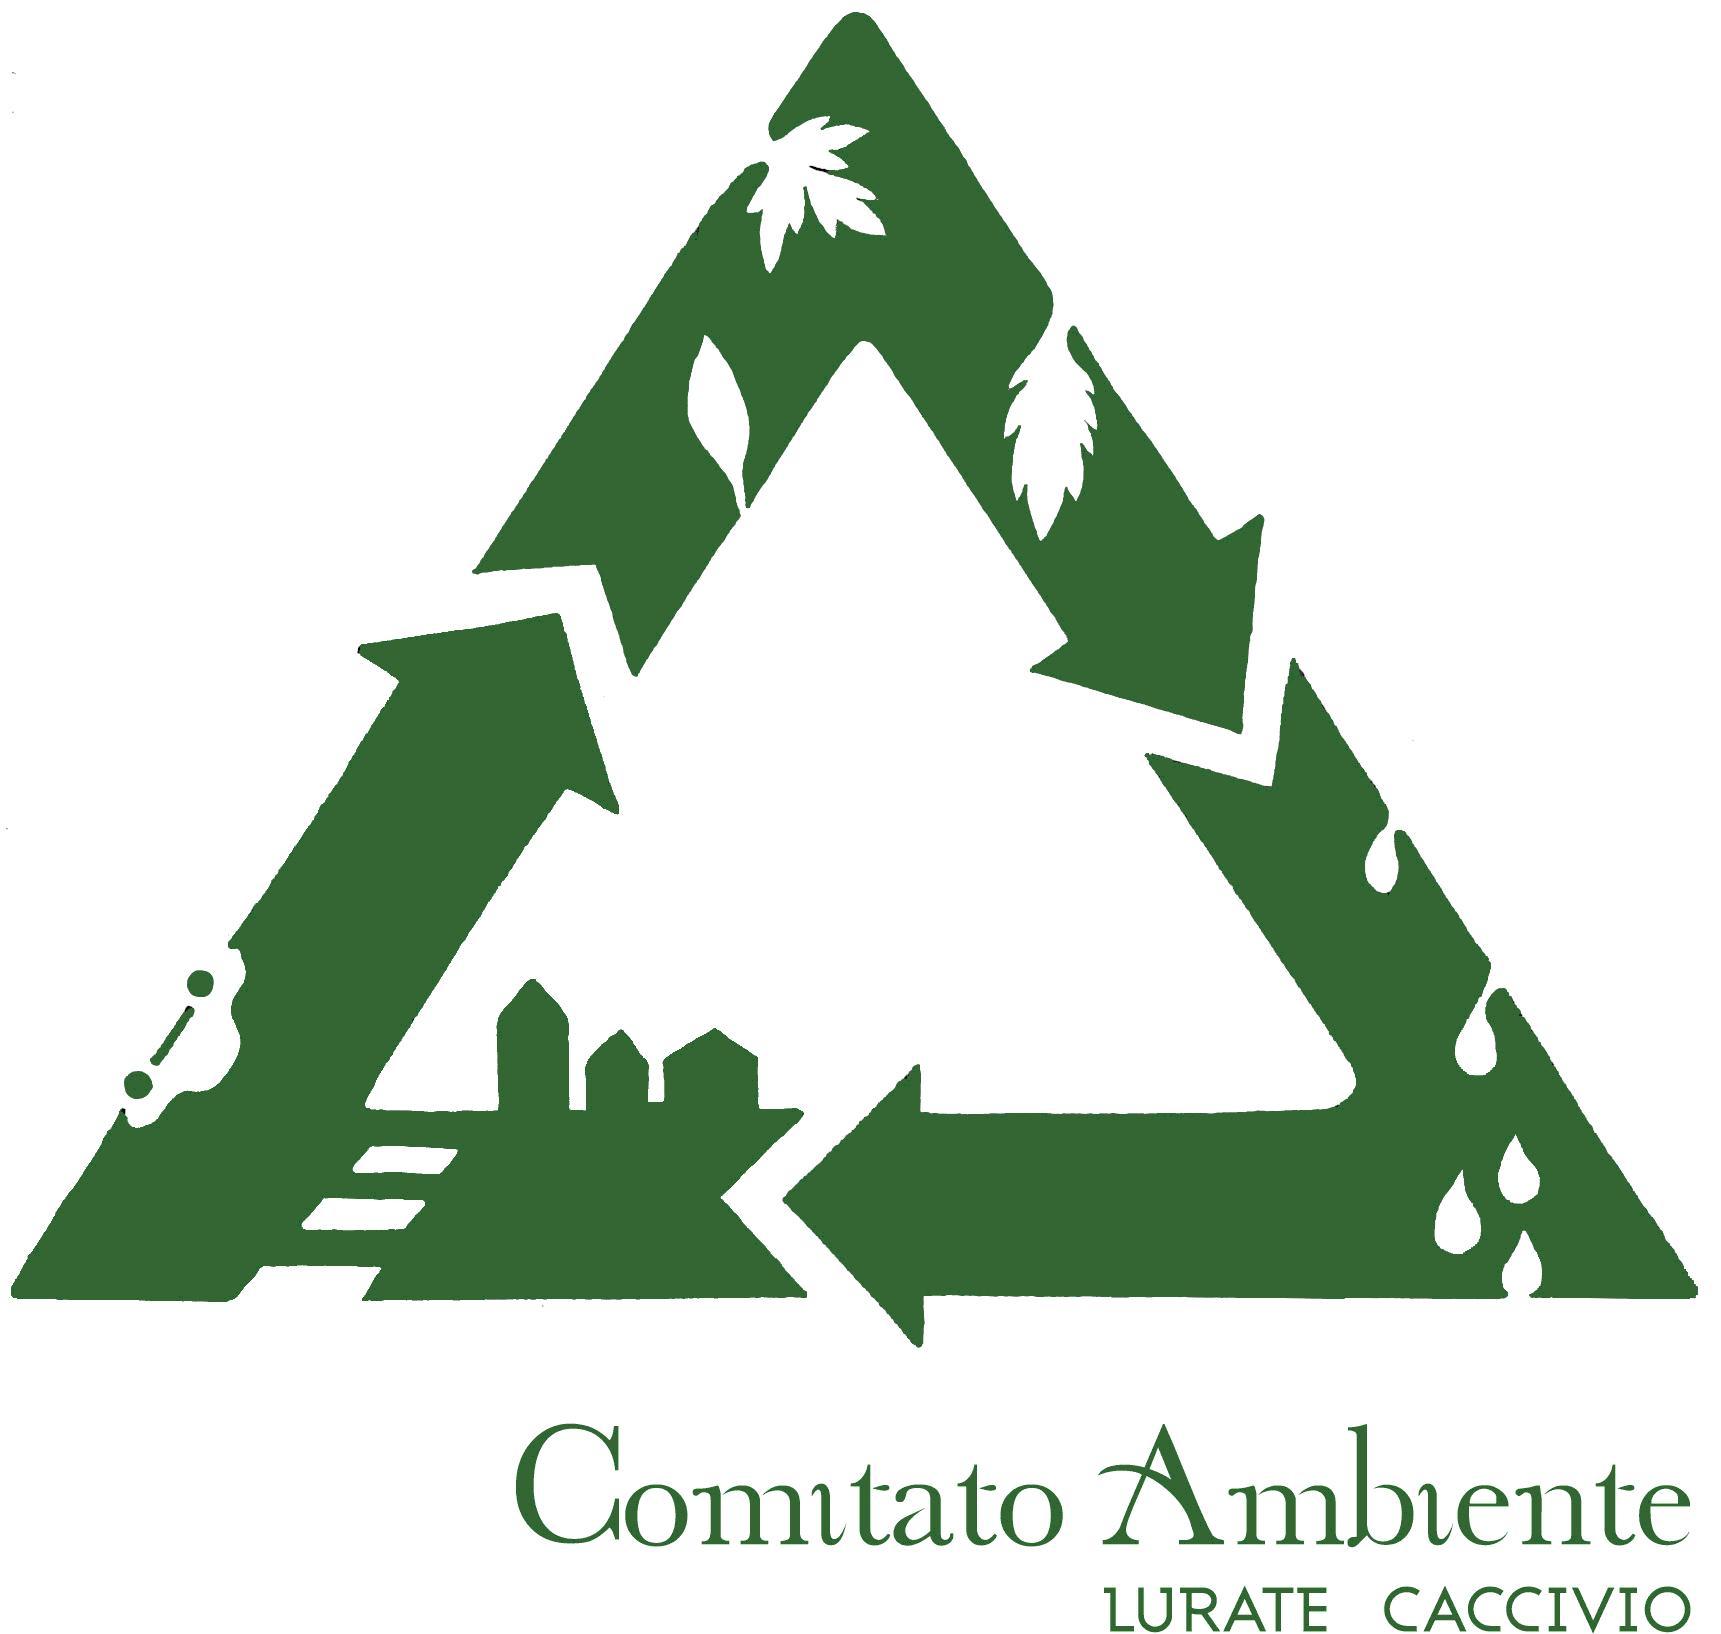 logo comitato ambiente Lurate Caccivio